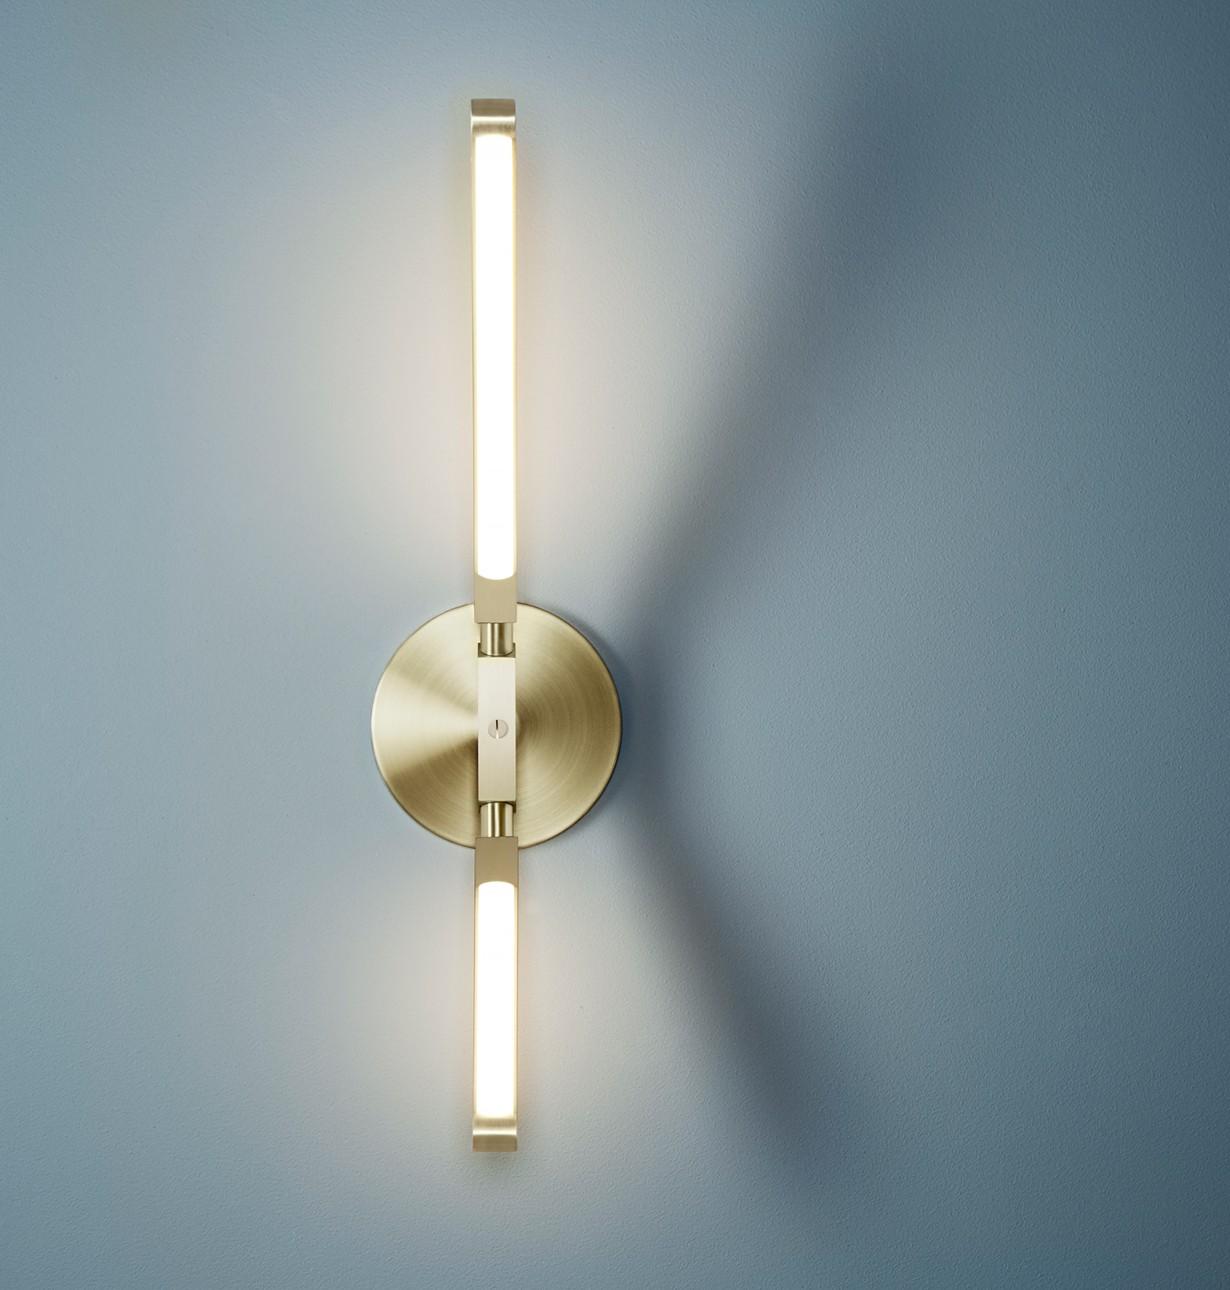 Pris Wall Lamp by PELLE